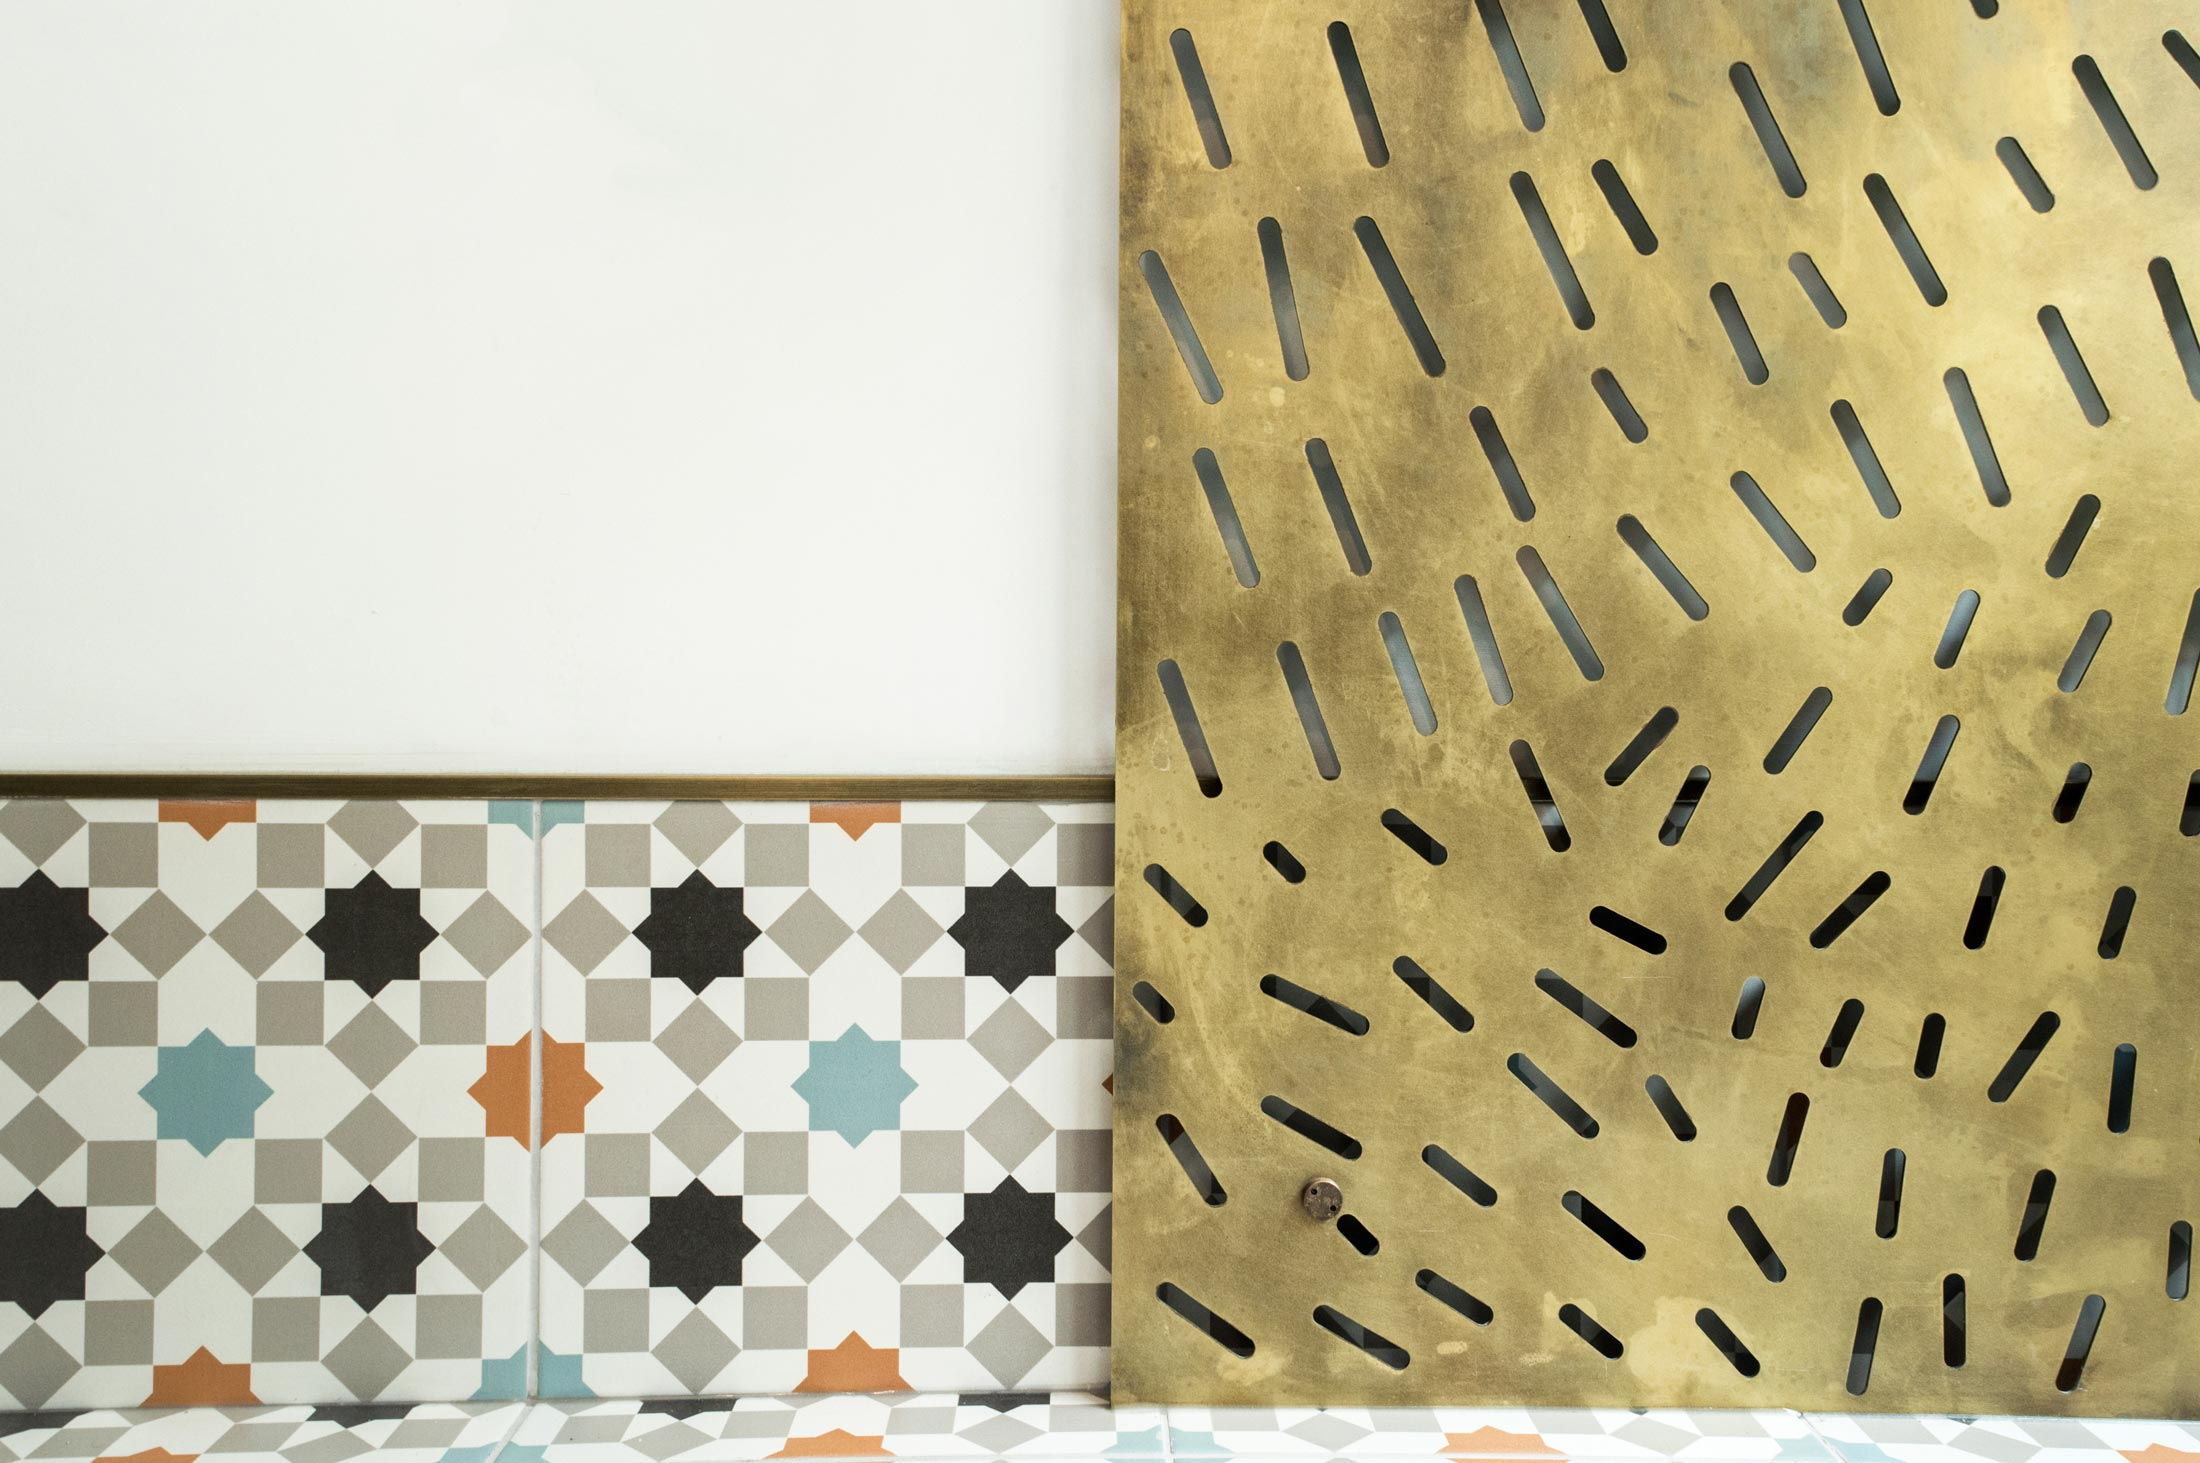 Ensemble Wells Restaurant Tiles and Brass Details